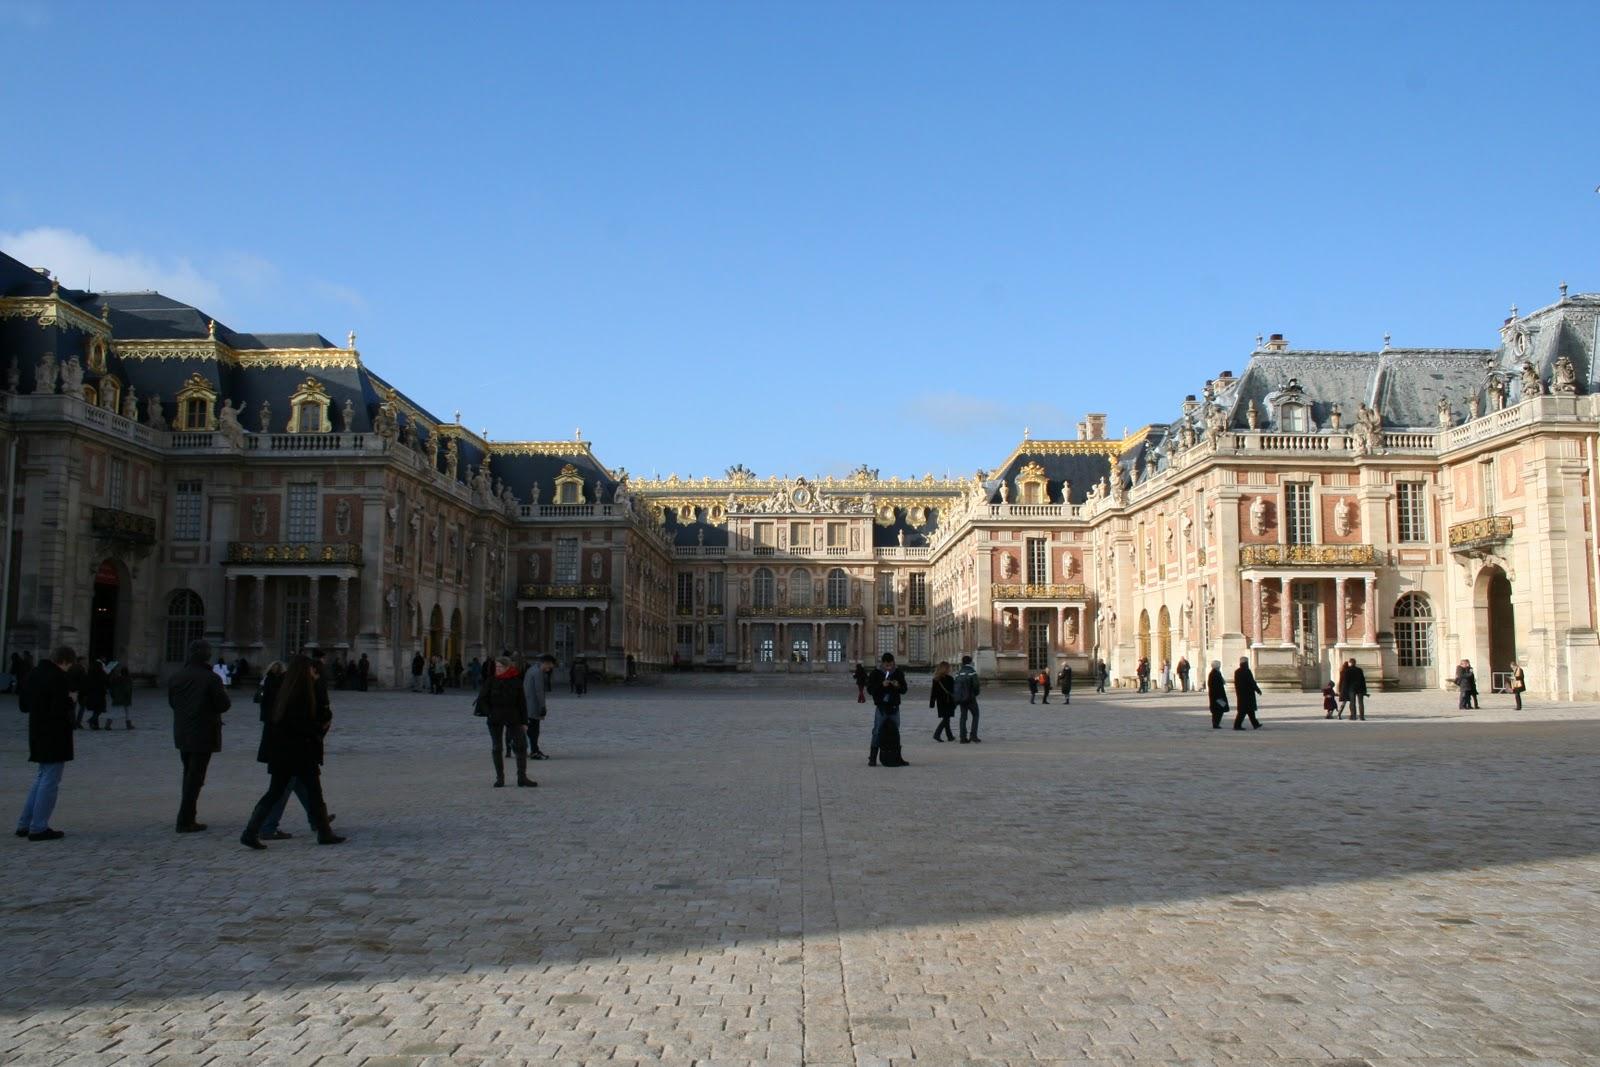 Ch teau de versailles luxe adventure traveler - Photo chateau de versailles ...